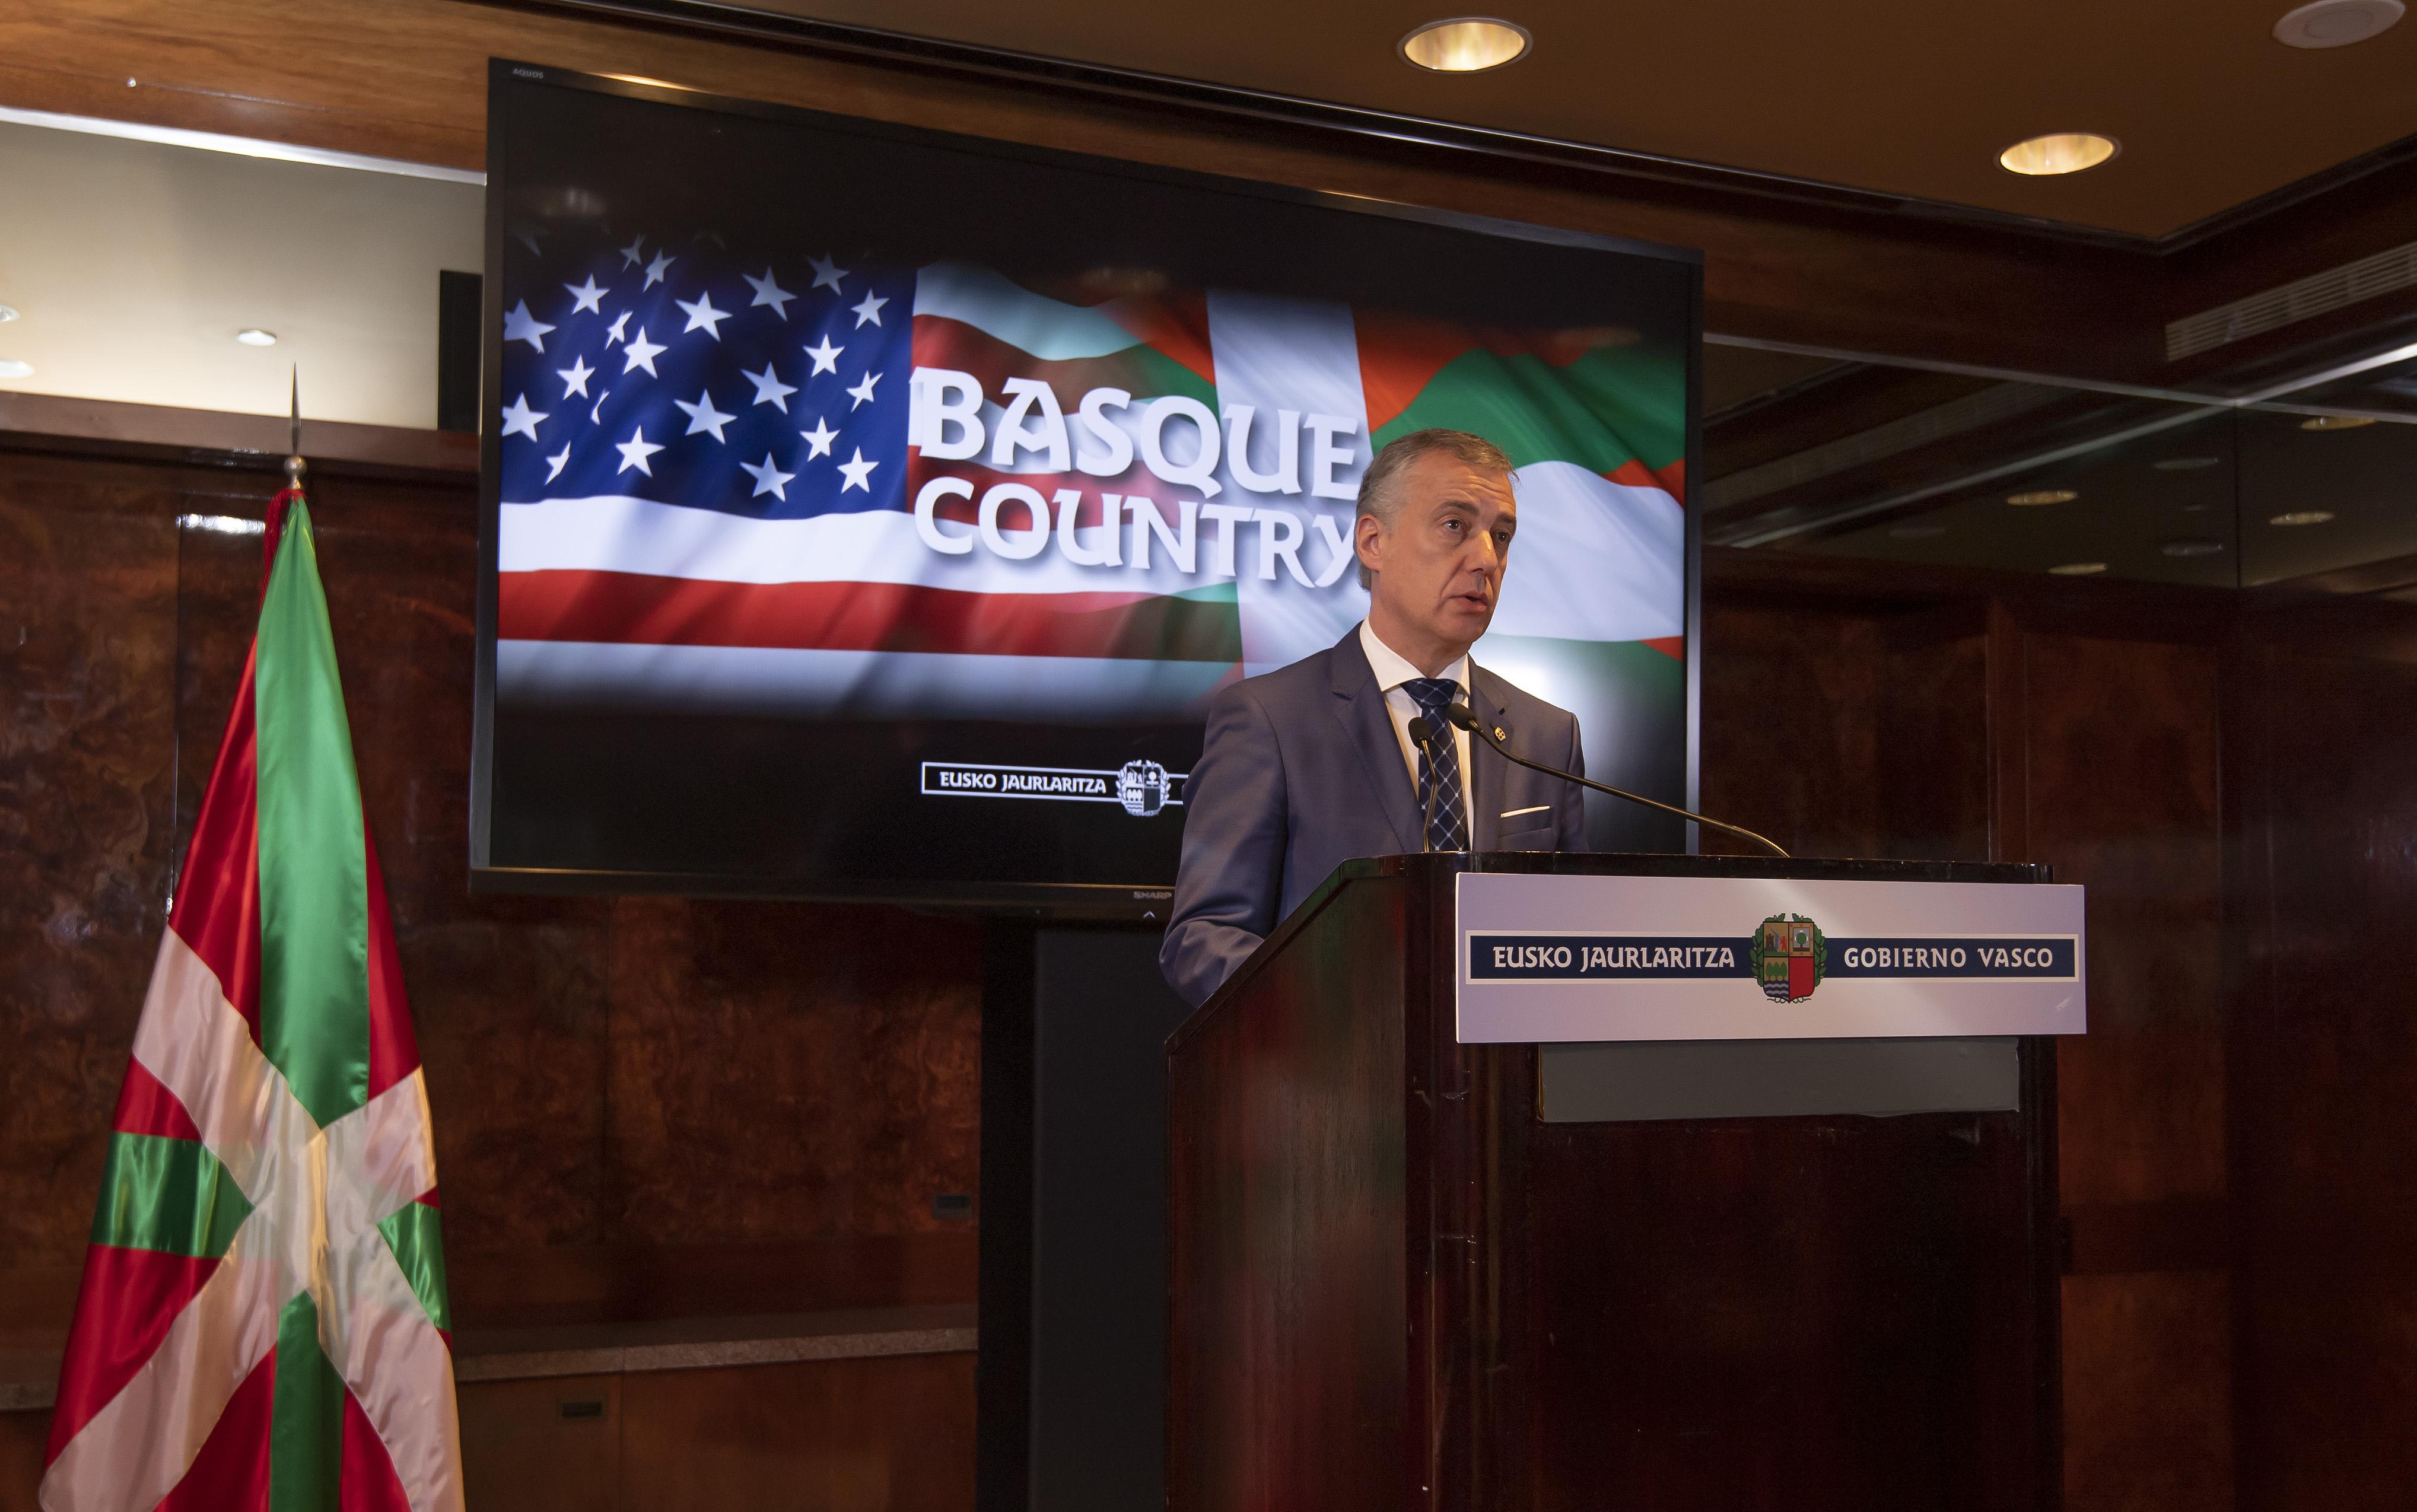 El Lehendakari agradece a la comunidad vasca de Nueva York su compromiso con el reto de la internacionalización de Euskadi Basque Country